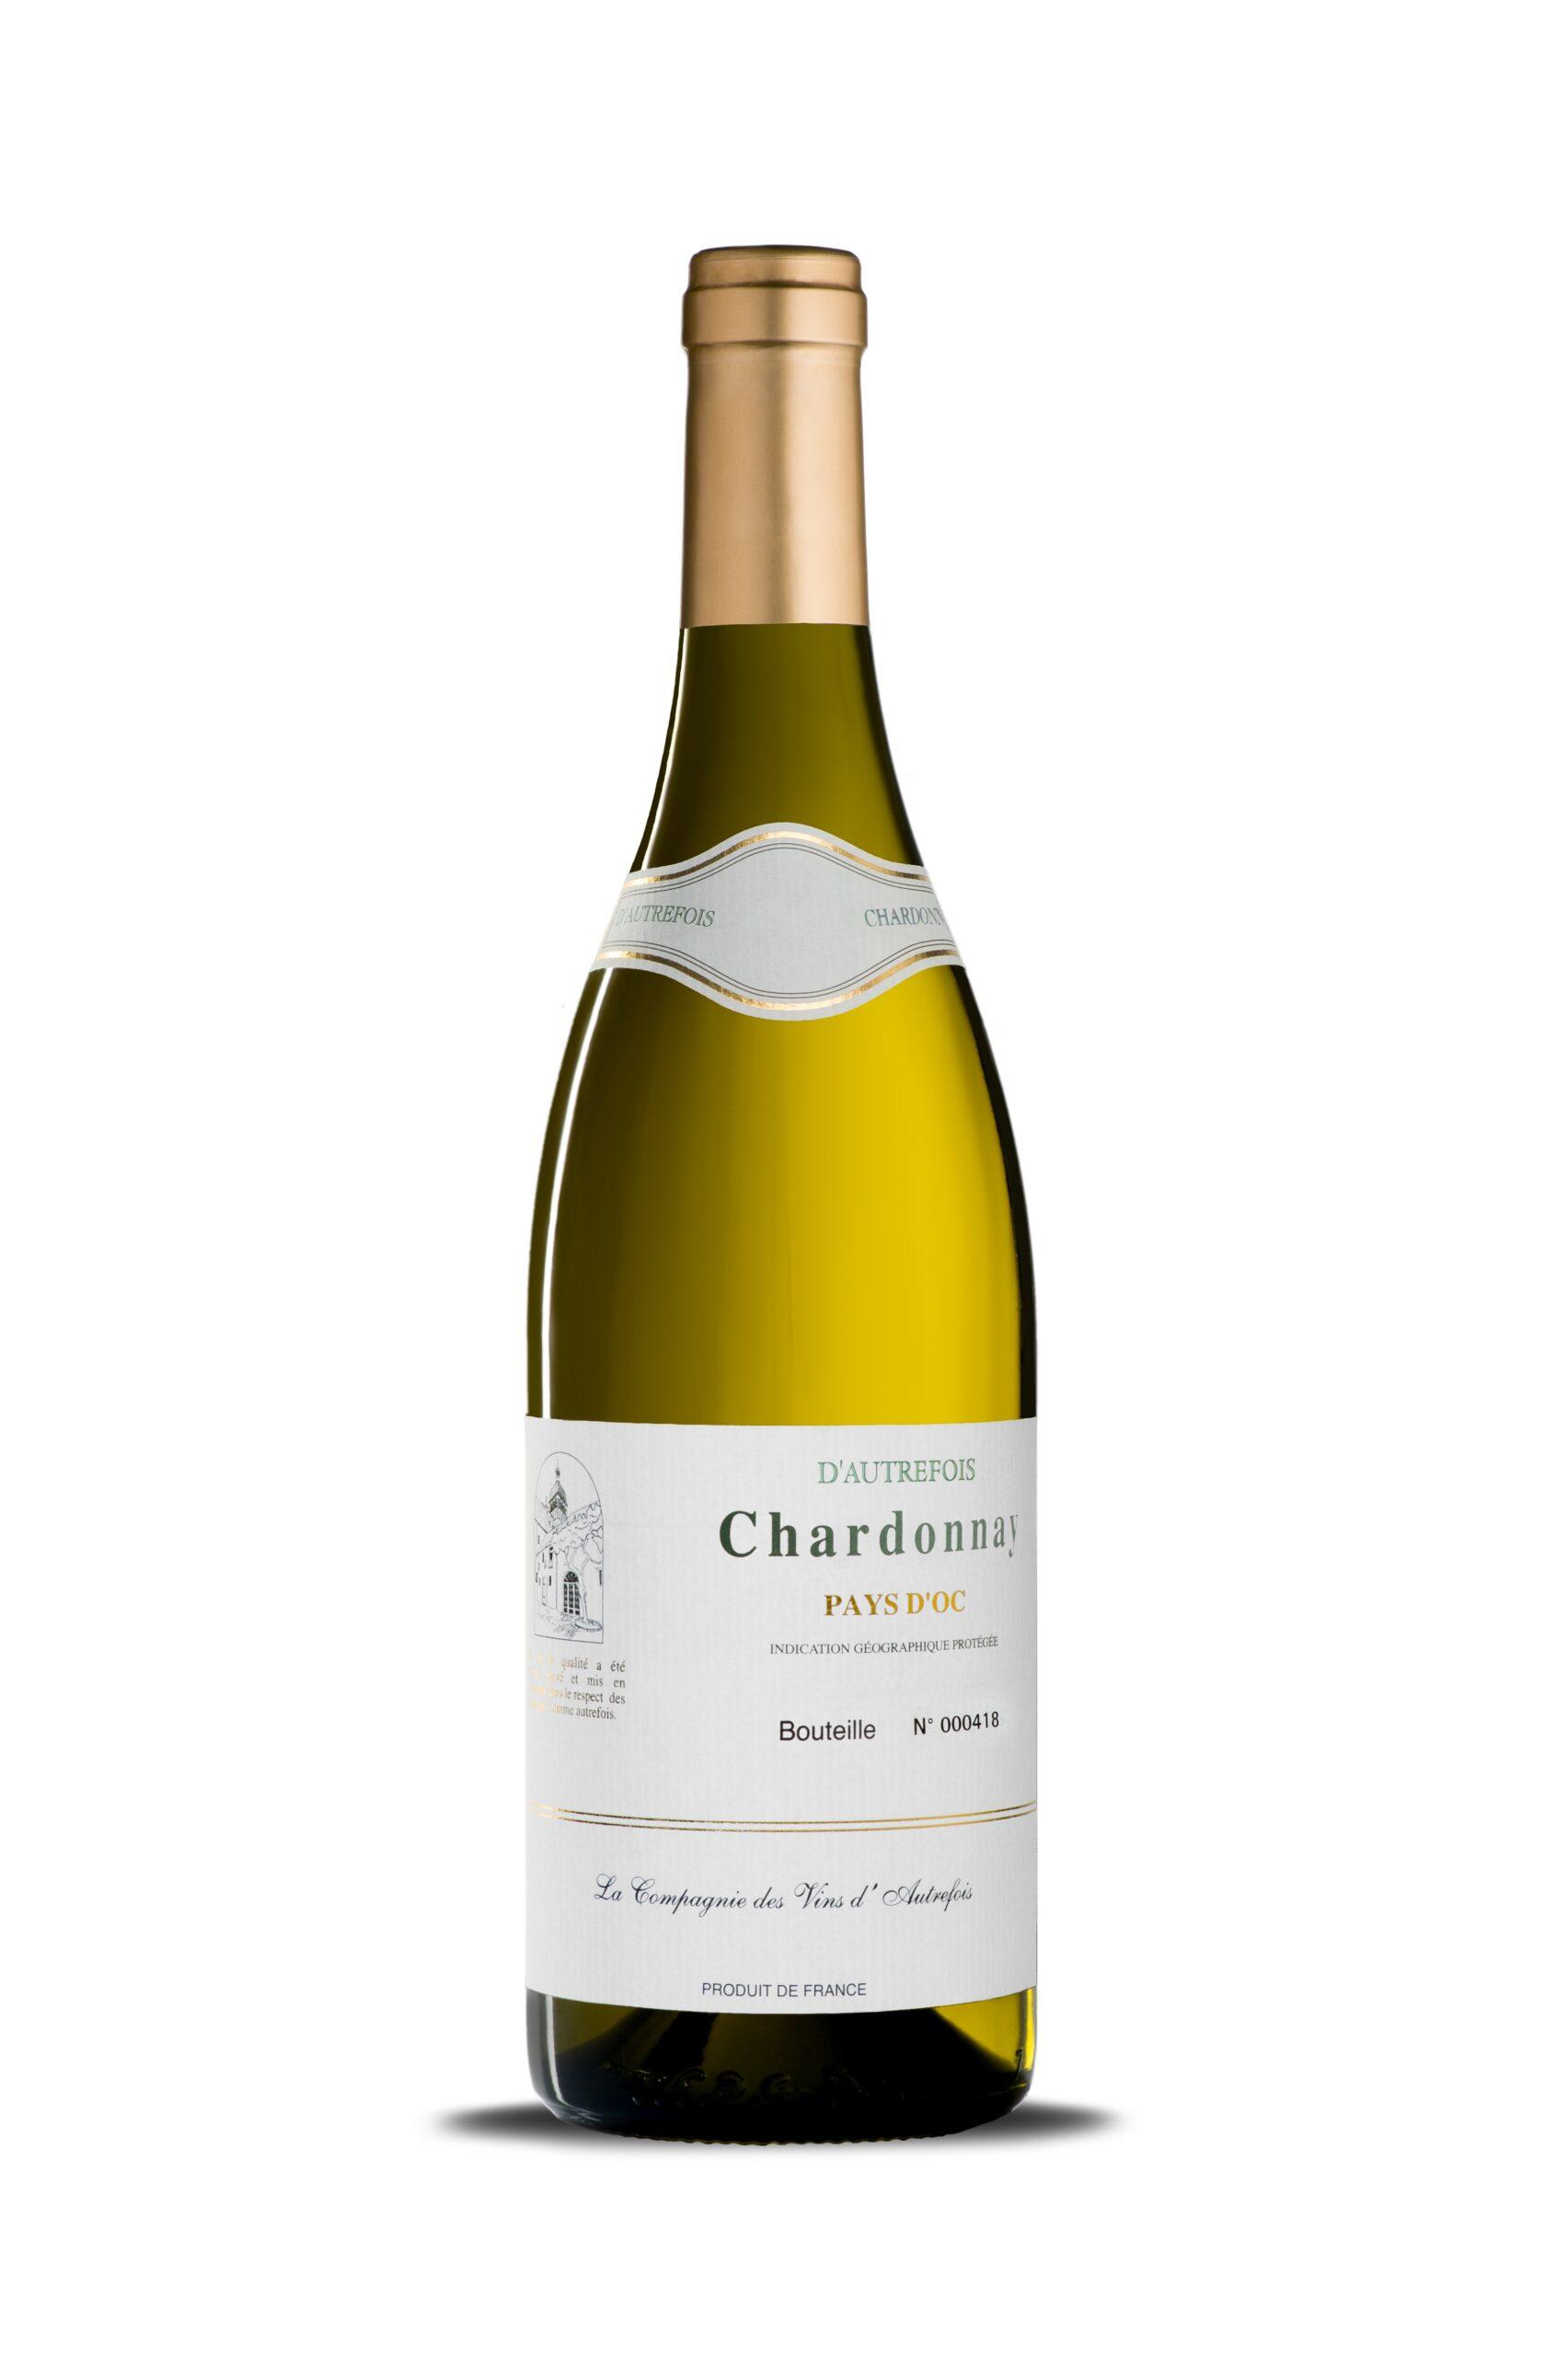 Chardonnay d'Autrefois